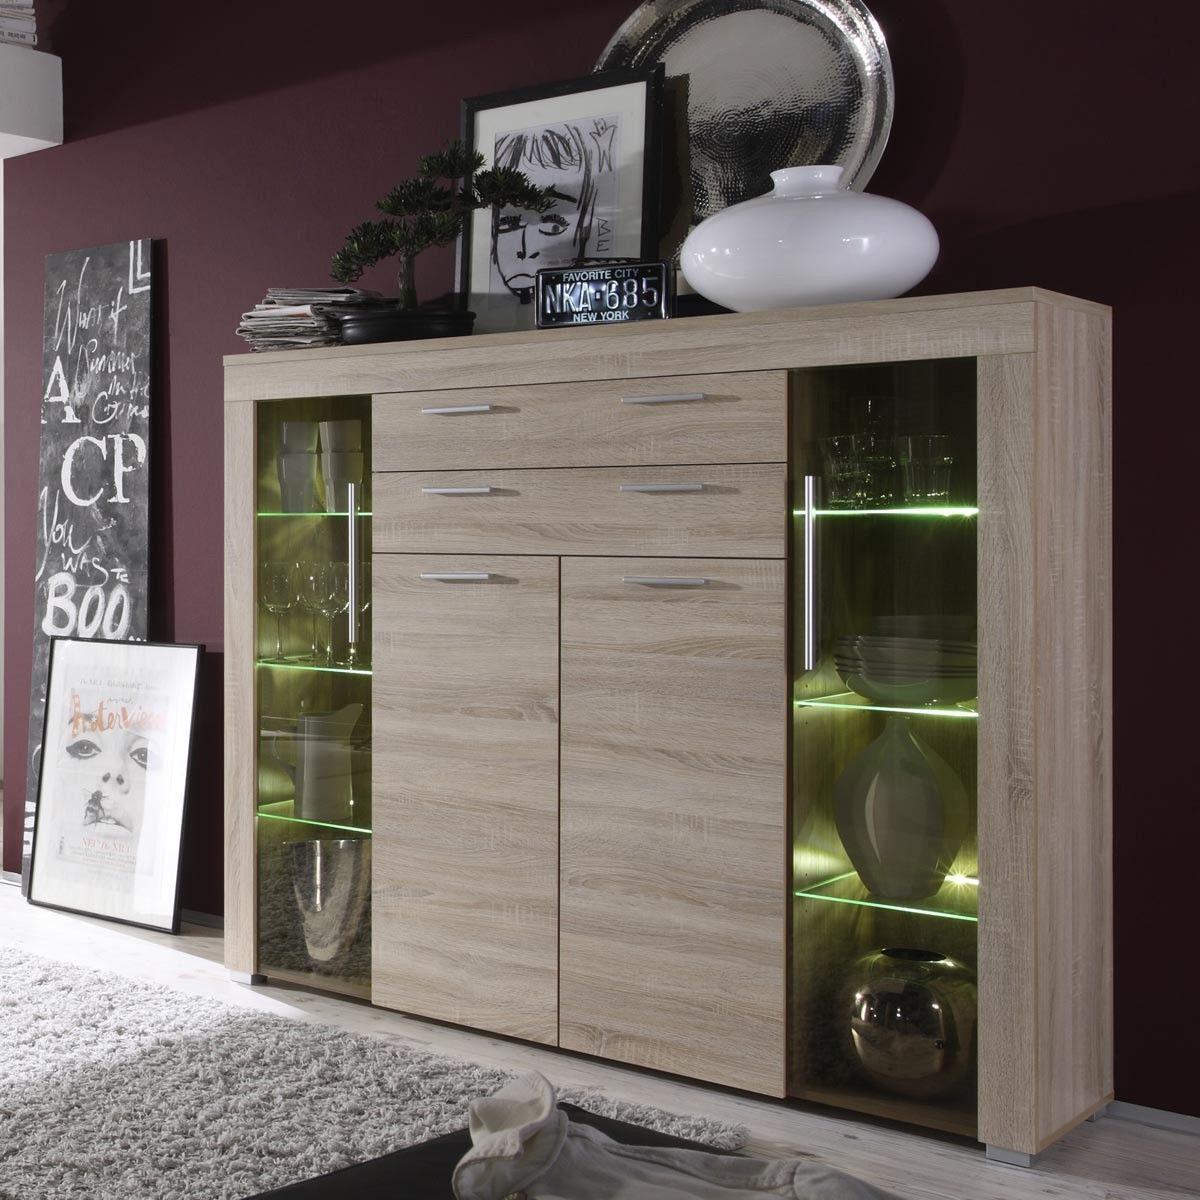 Highboard Vitrine In Weiss Mit Eiche Furniert Led Beleuchtung Jetzt Bestellen Unter Furniture Design Living Room Kitchen Furniture Design Dining Room Interiors